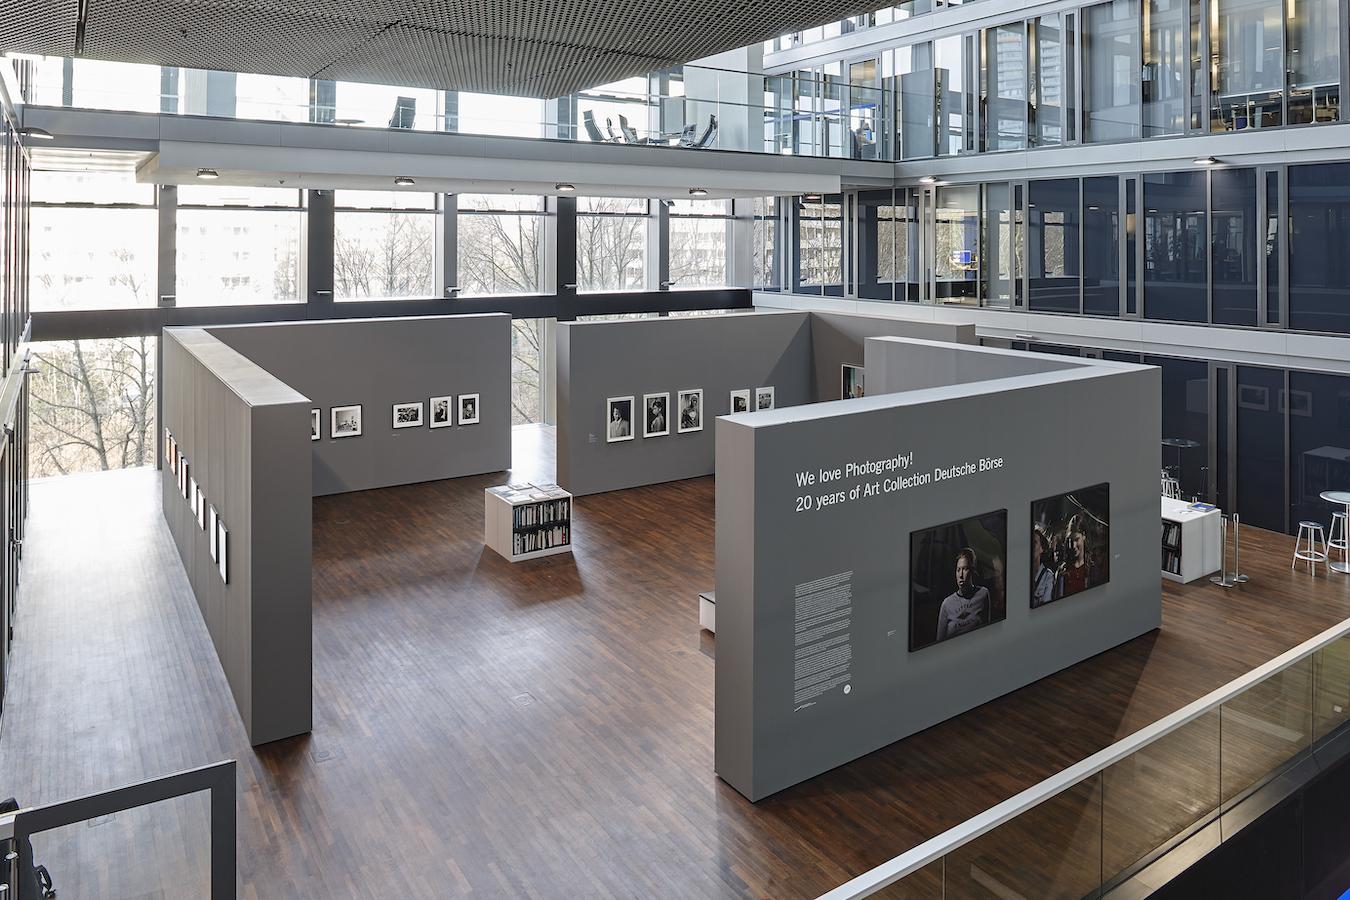 """© Albrecht Haag / Installation View """"We love Photography"""", Deutsche Börse Photography Foundation, 2019"""